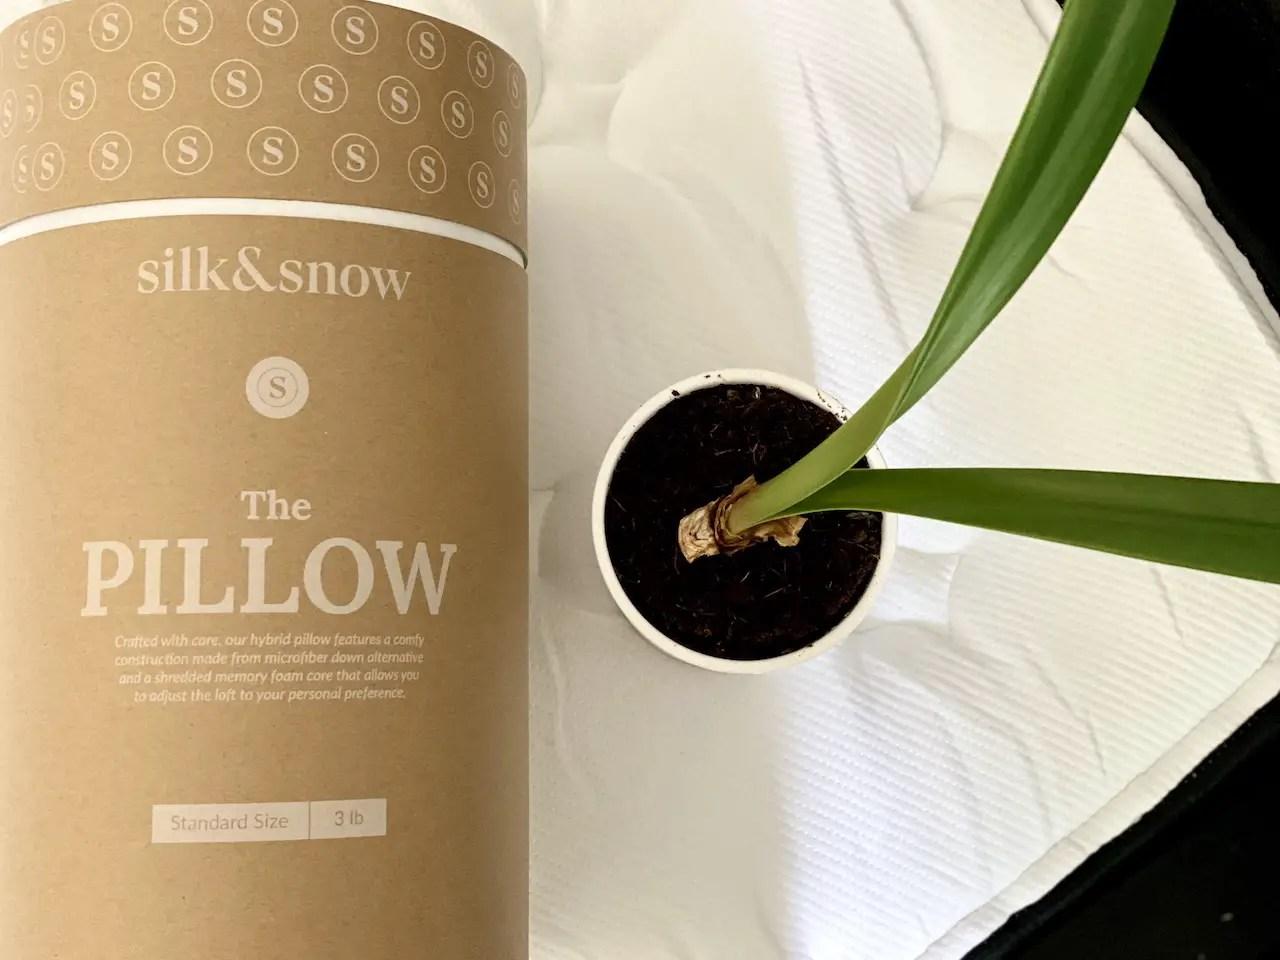 silk snow pillow review 2021 non